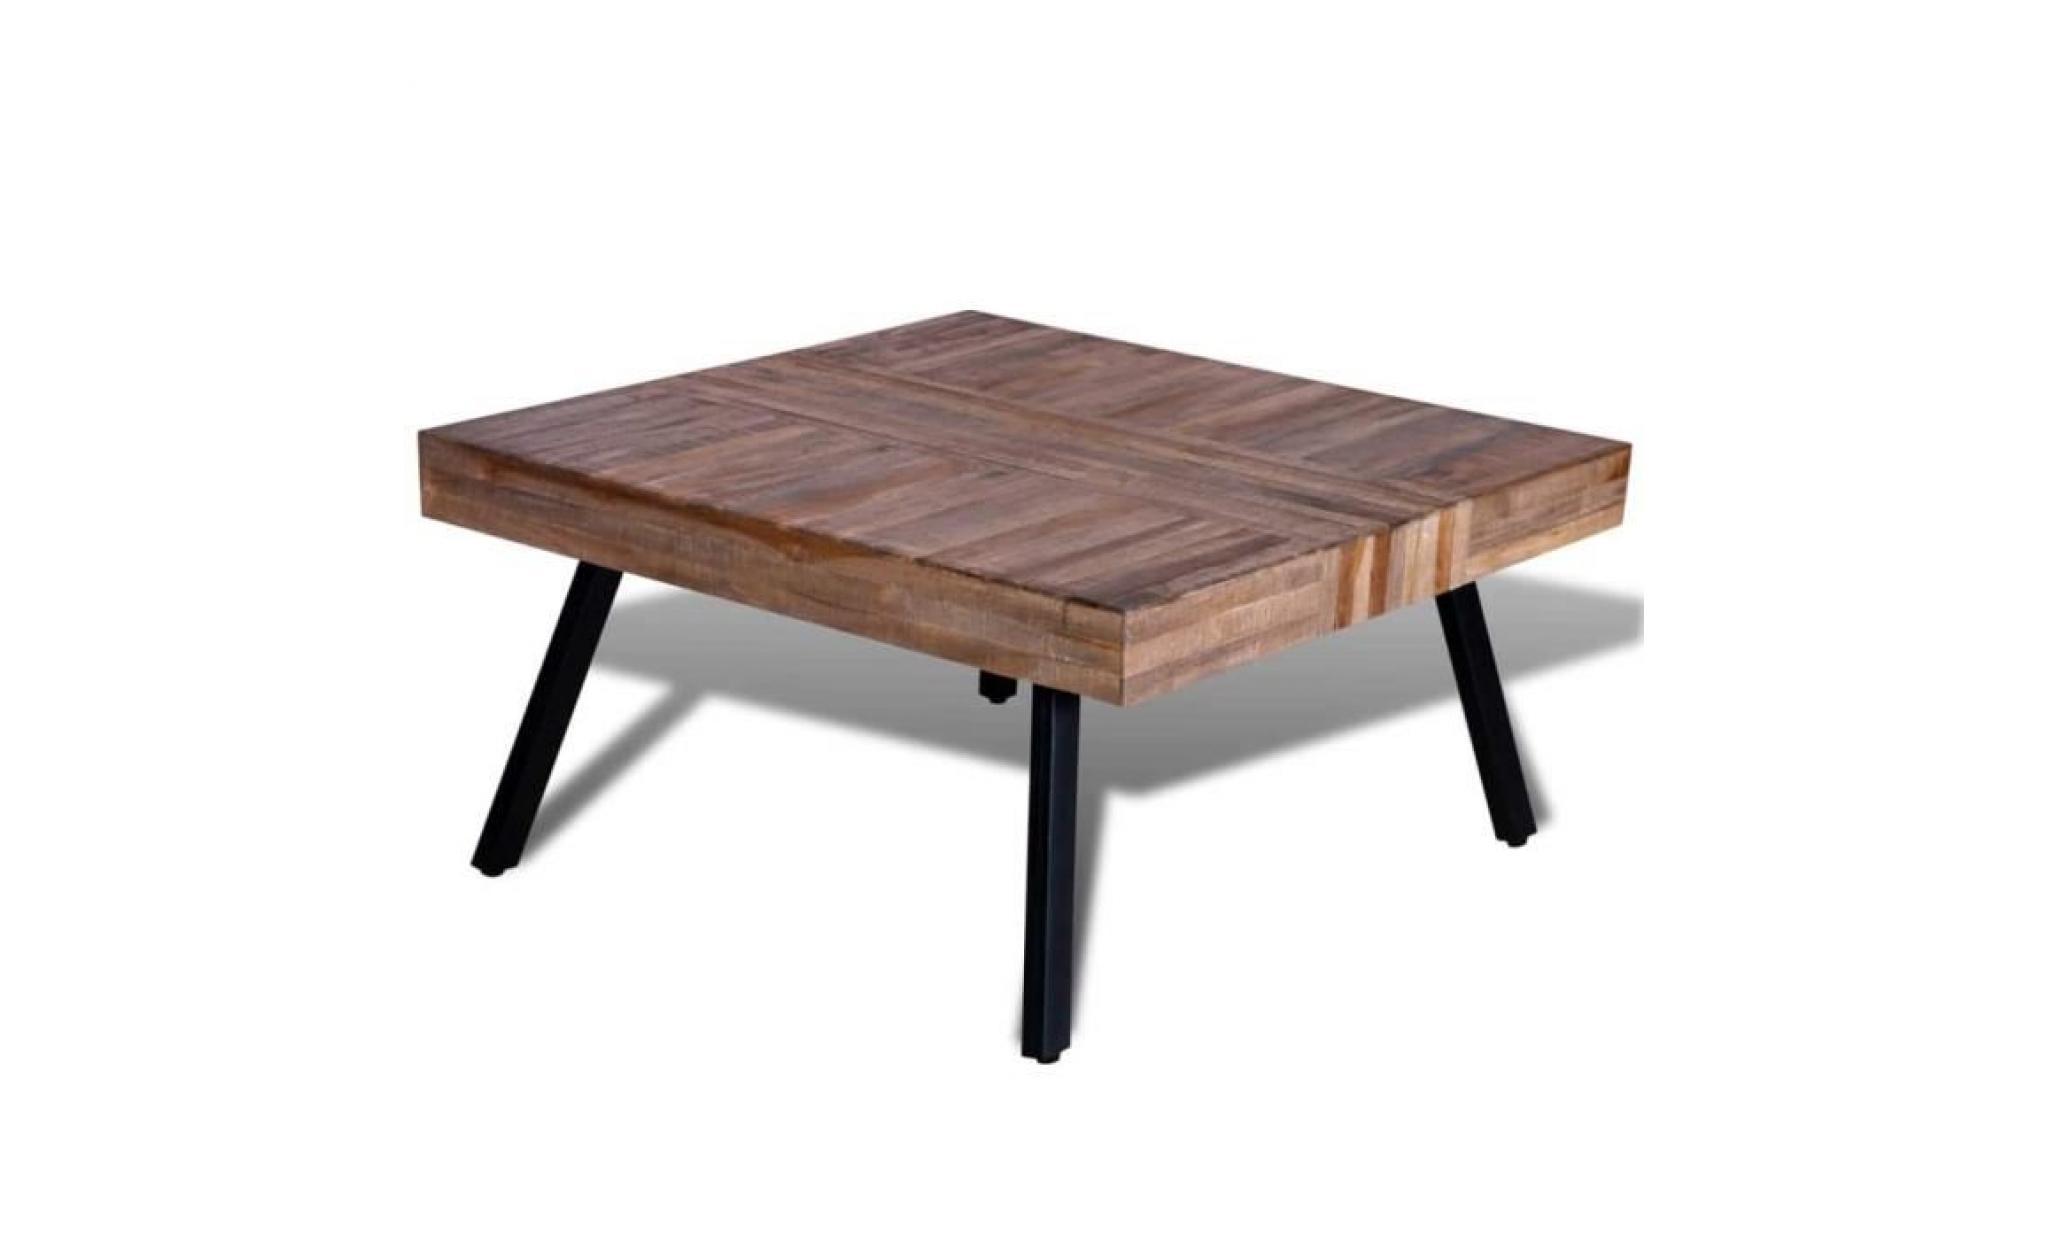 bois table de de teck récupération basse carrée zMVpSGqU